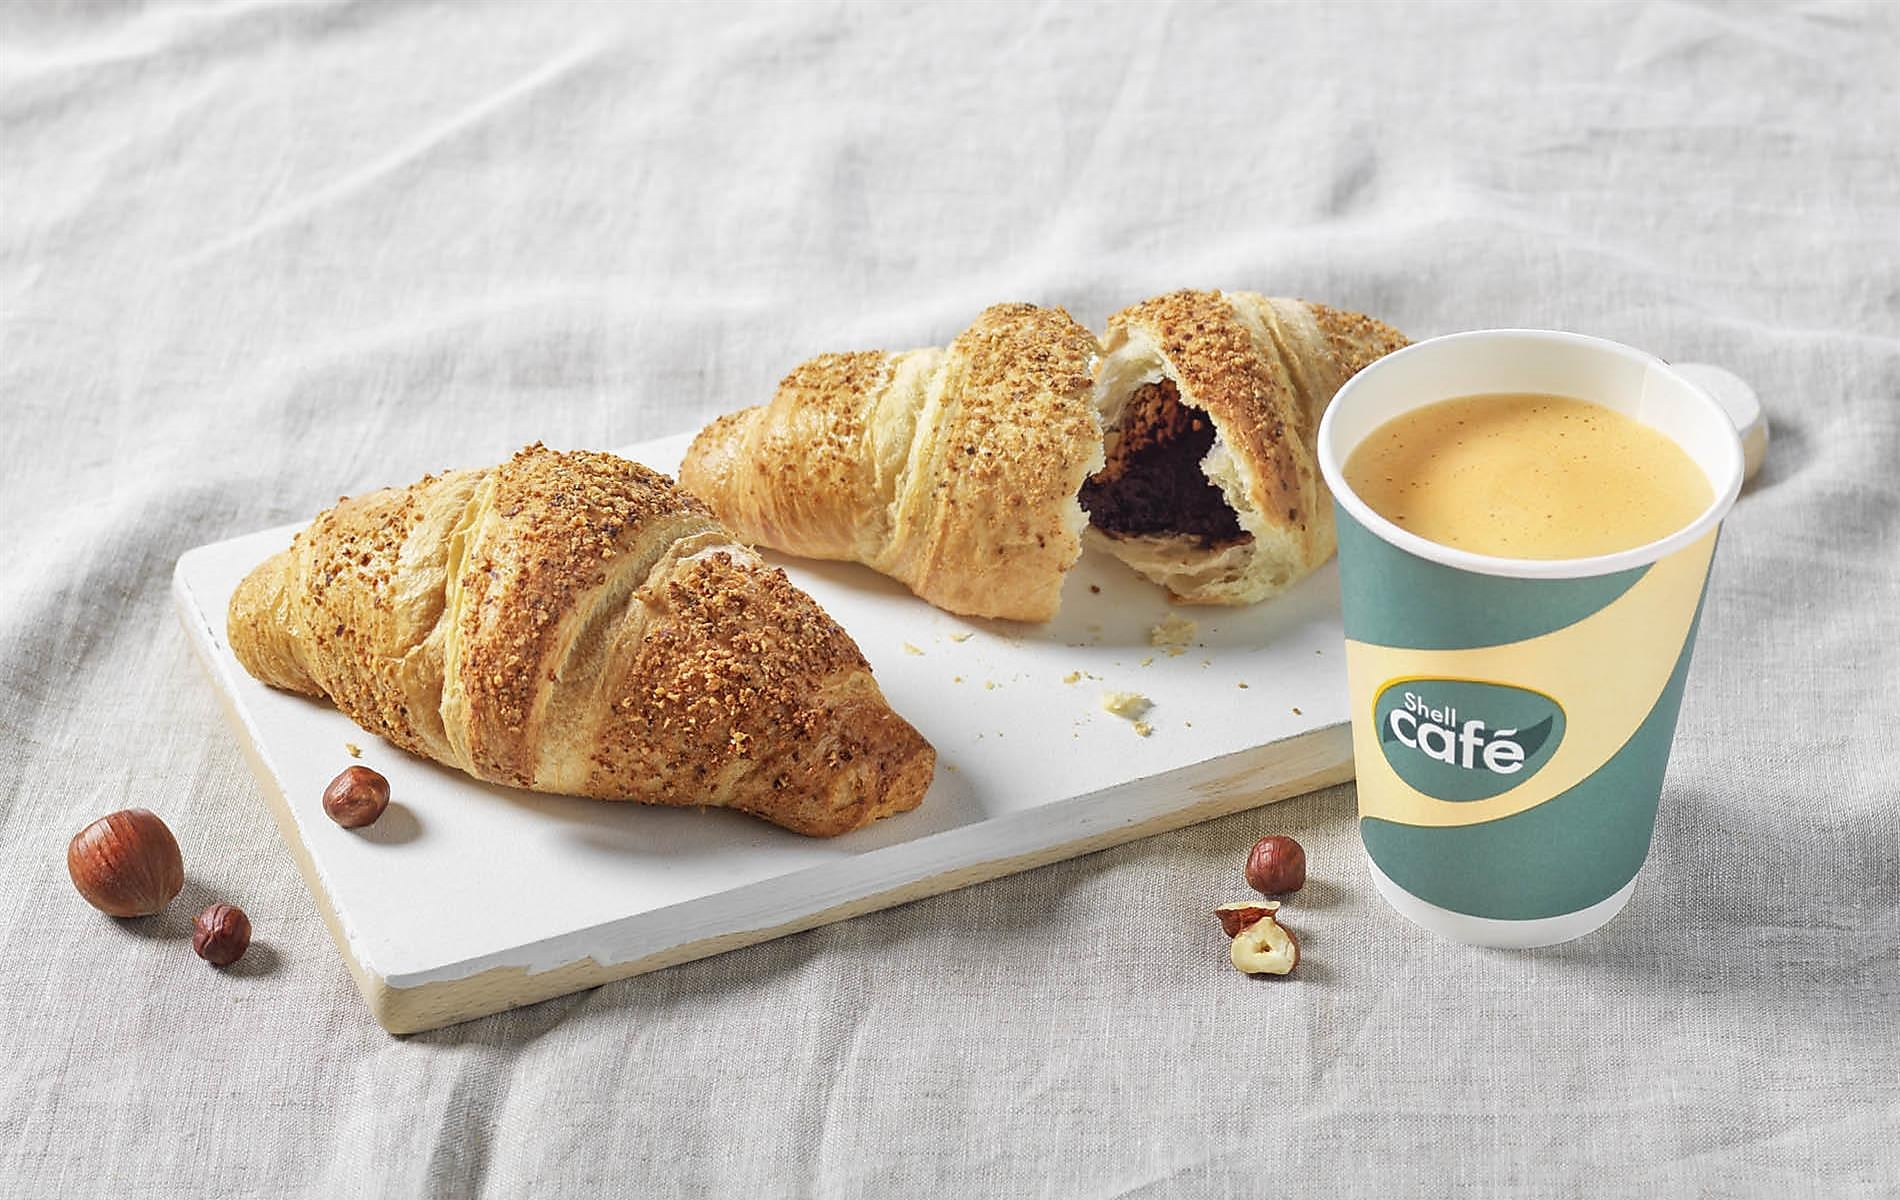 KaffeePlus Angebot zum Aktionspreis